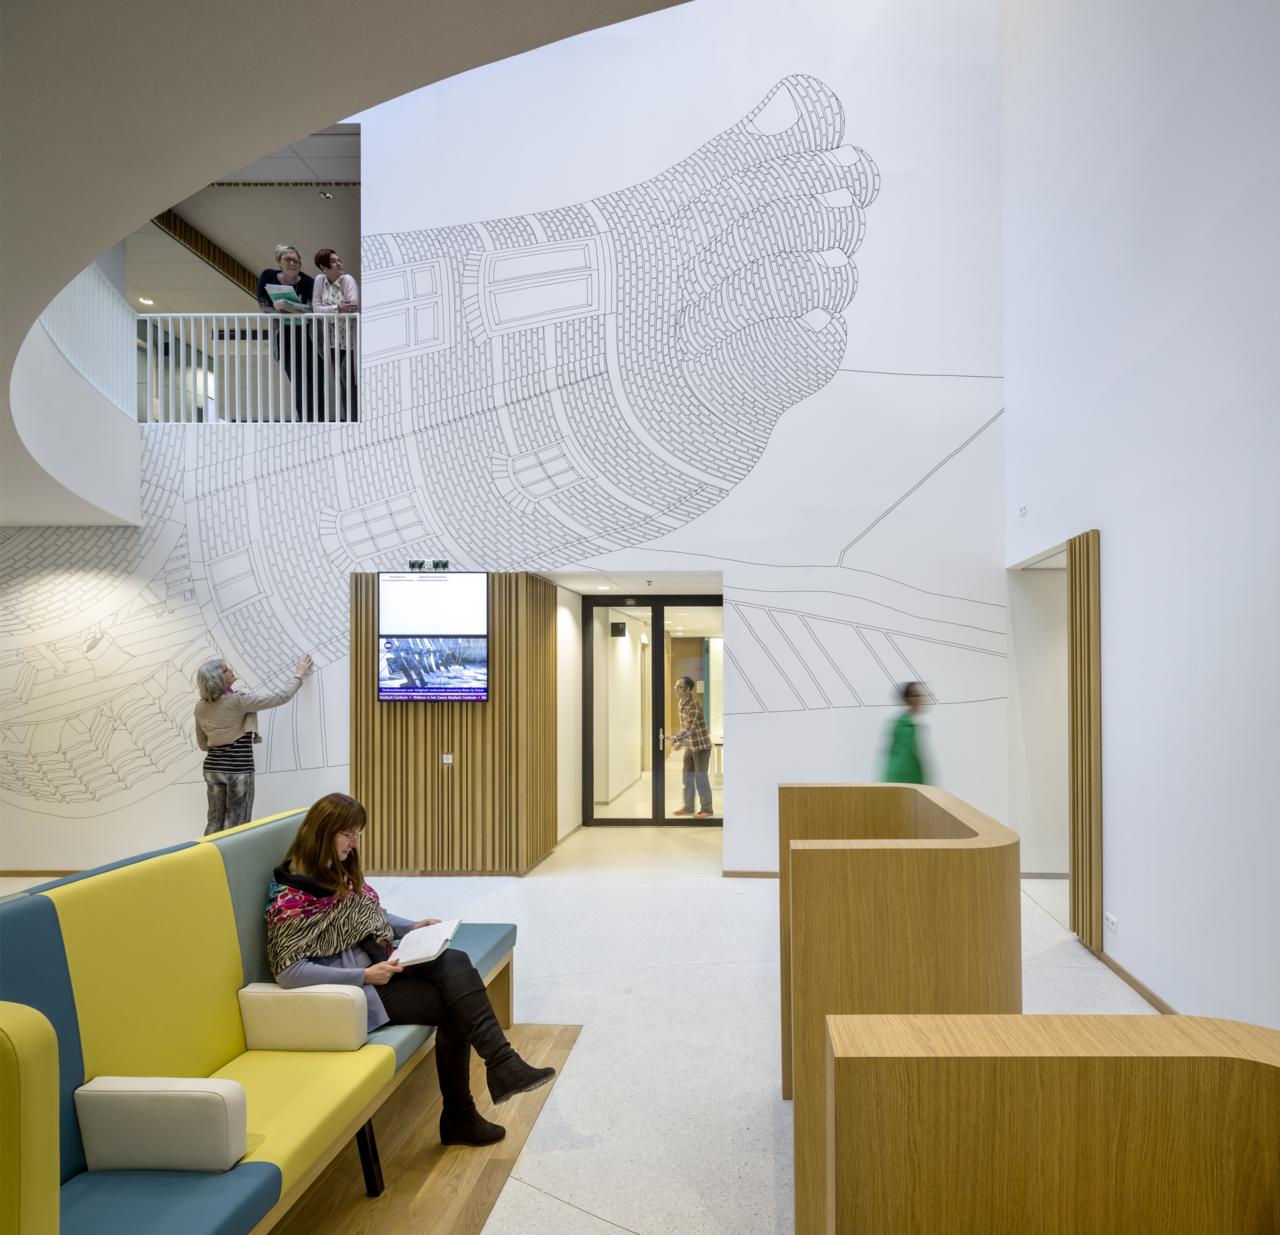 Zaans医疗中心环境图形、空间图形设计 © silo